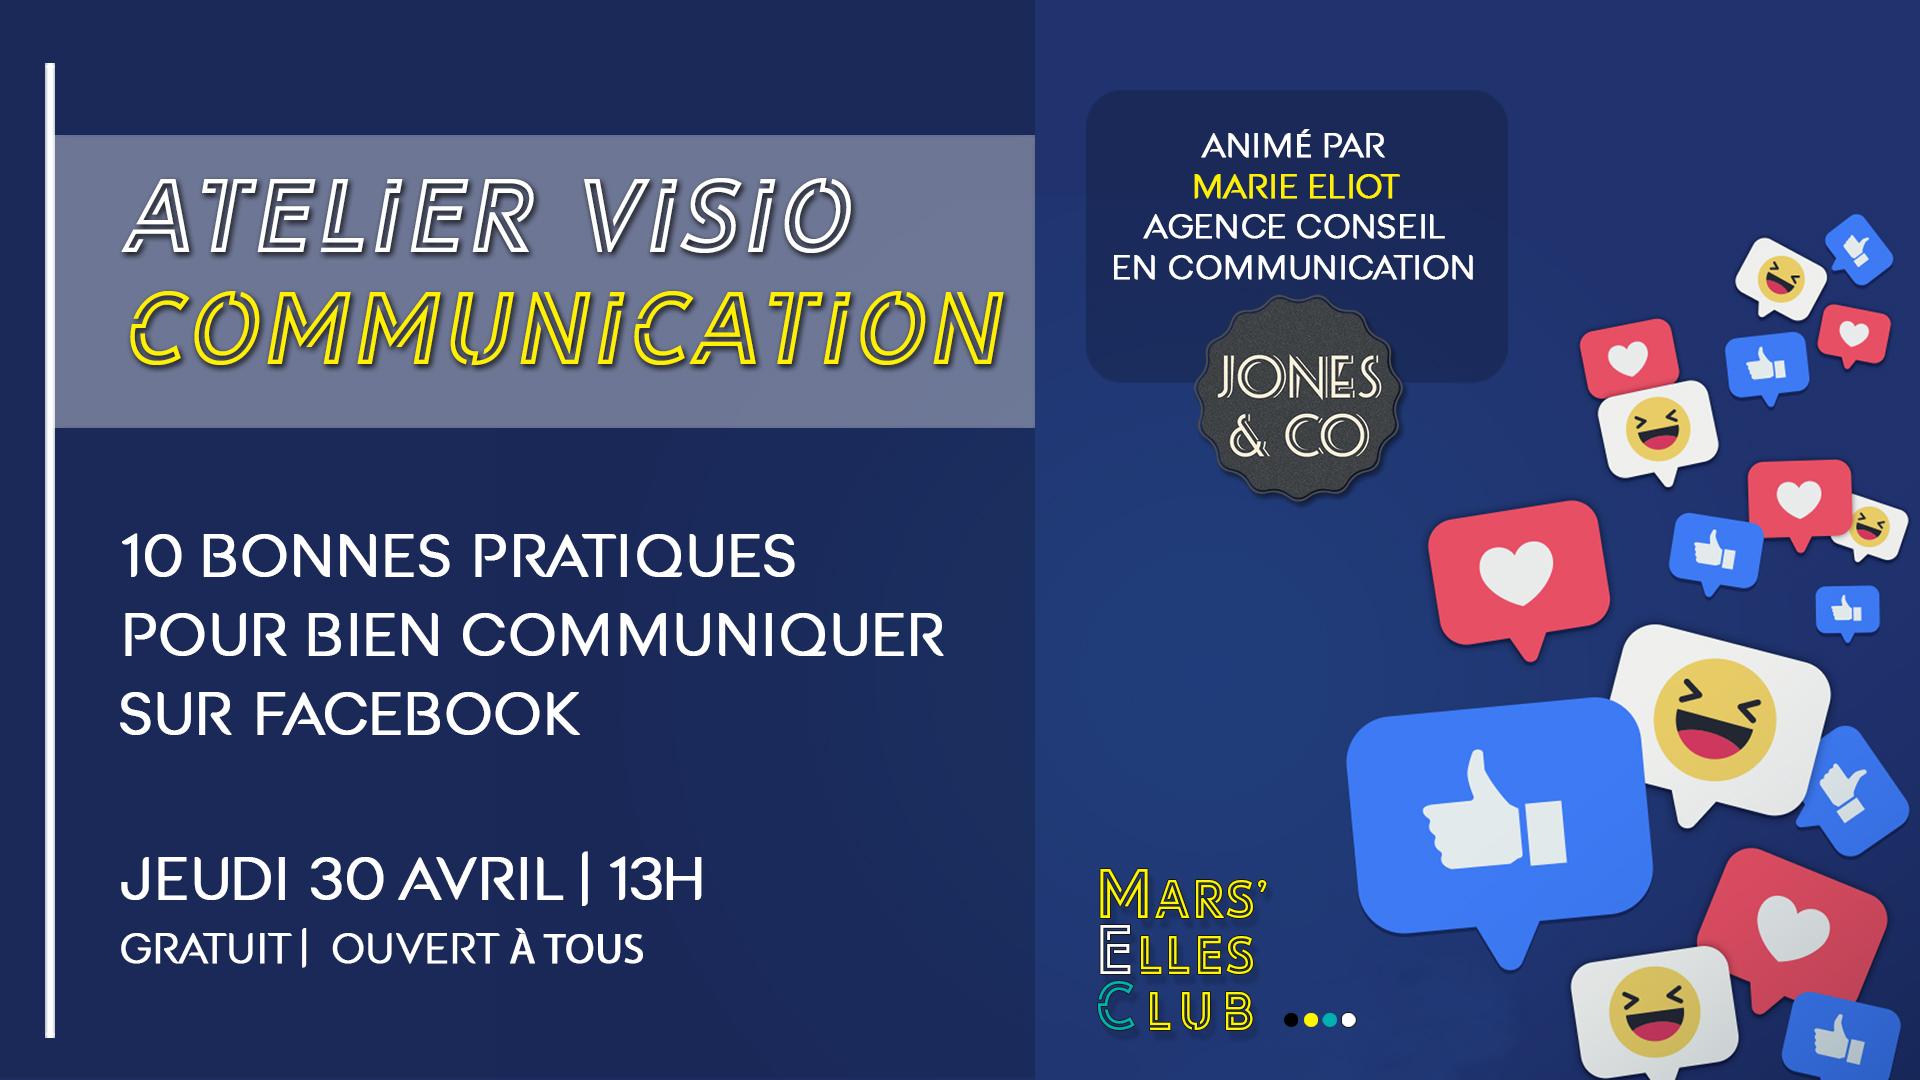 Atelier-Visio-Communication-gratuit-facebook-entreprise-conseil-mars-elles-club-business-marseille